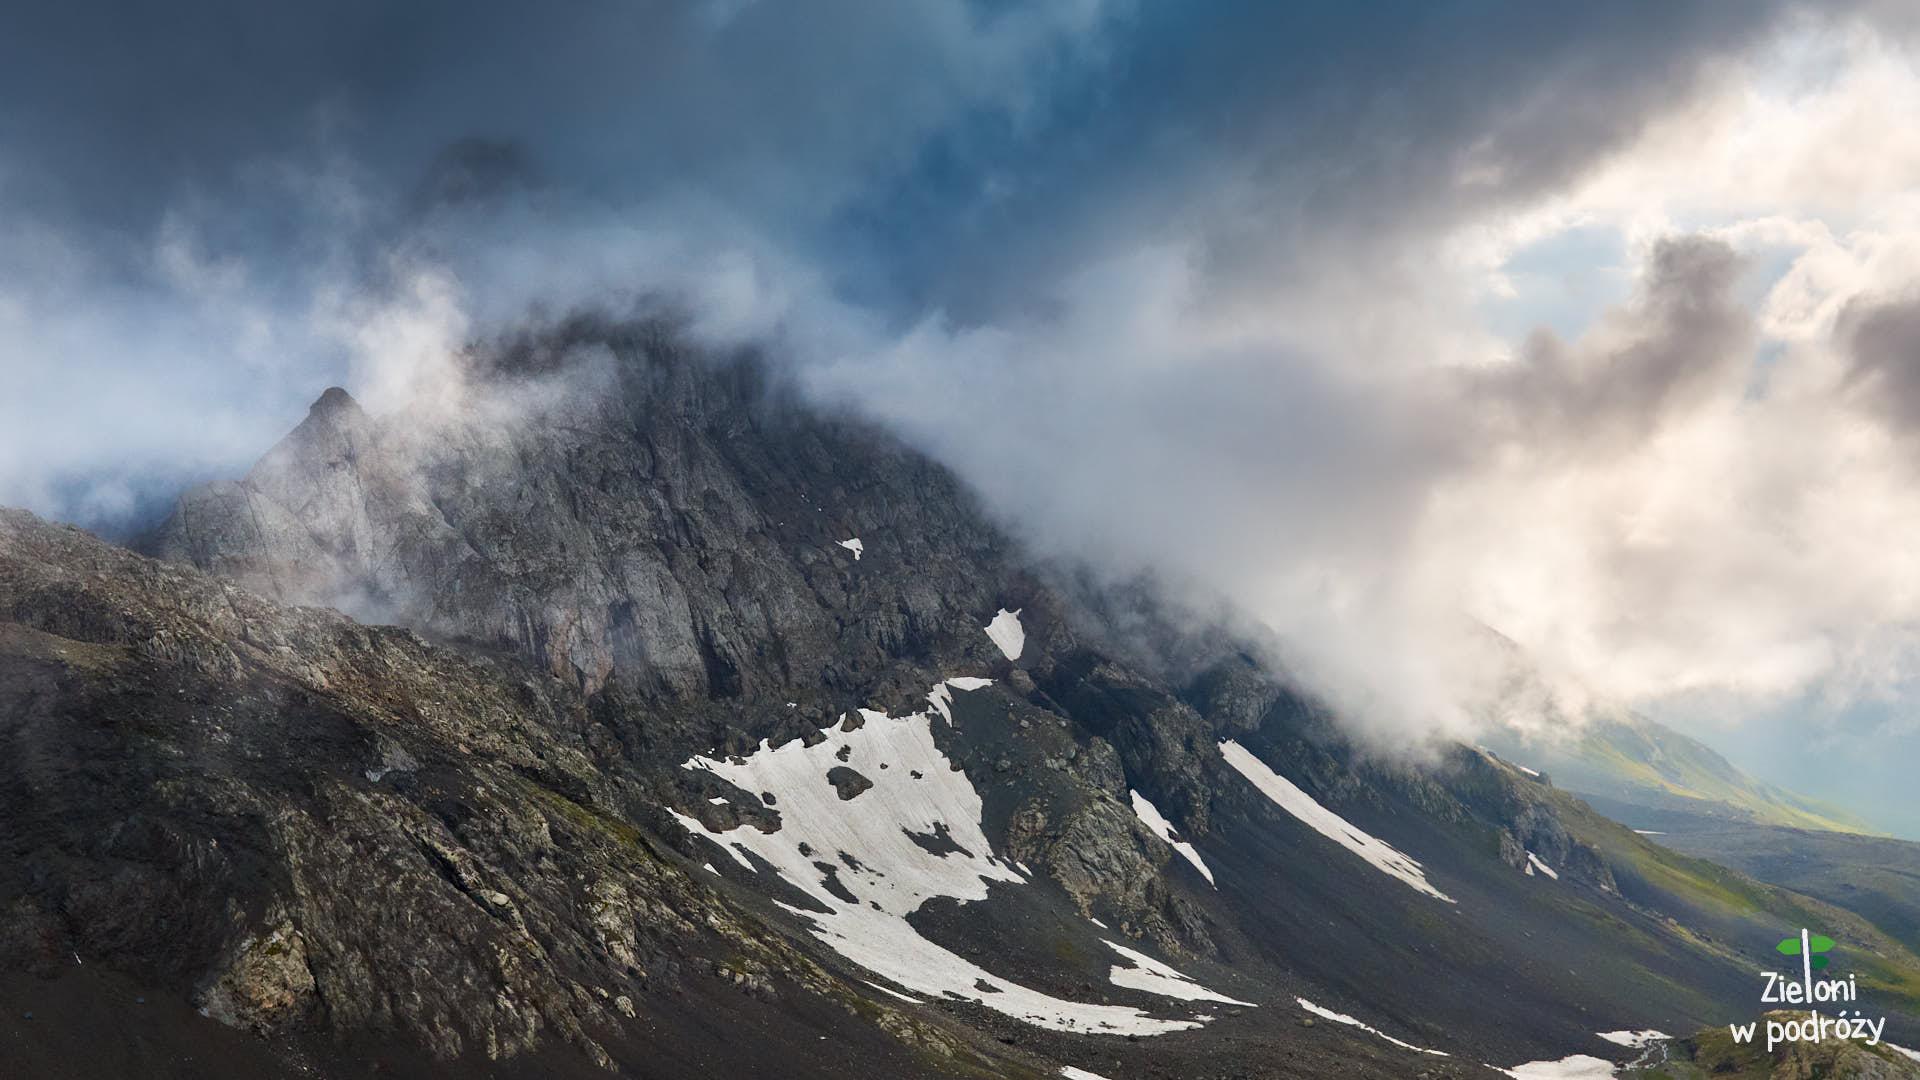 Taniec chmur to wyjątkowo ciekawy temat do fotografowania